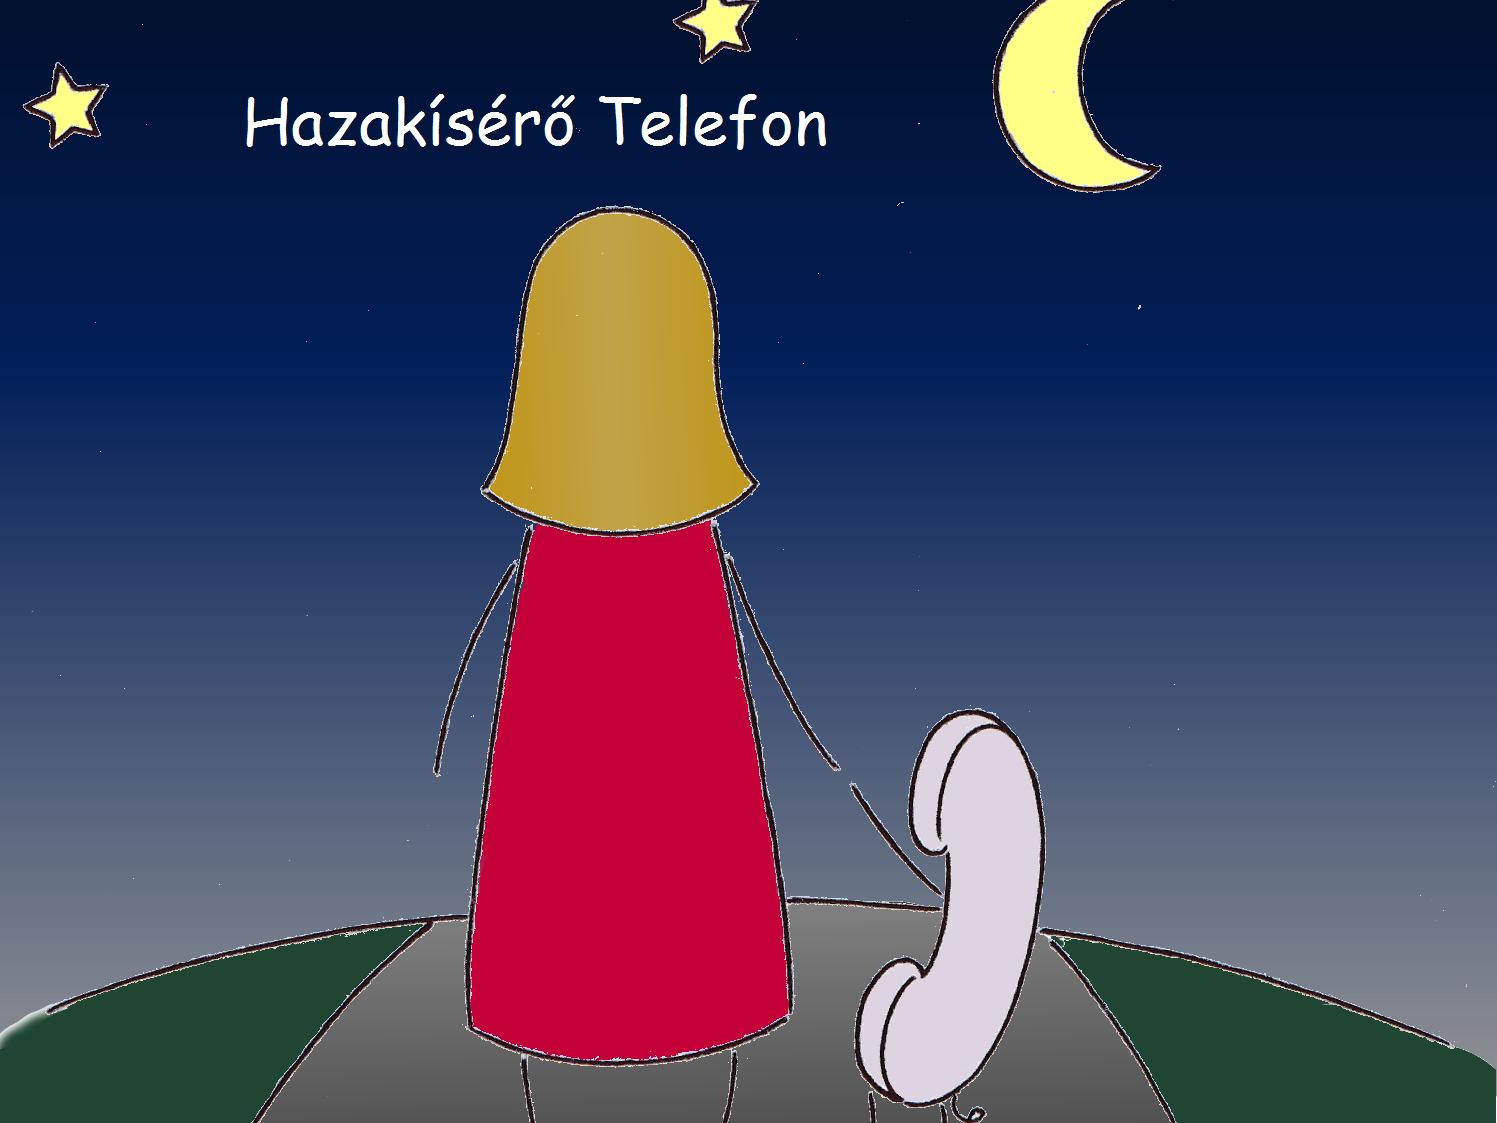 HAZAKÍSÉRŐ TELEFON